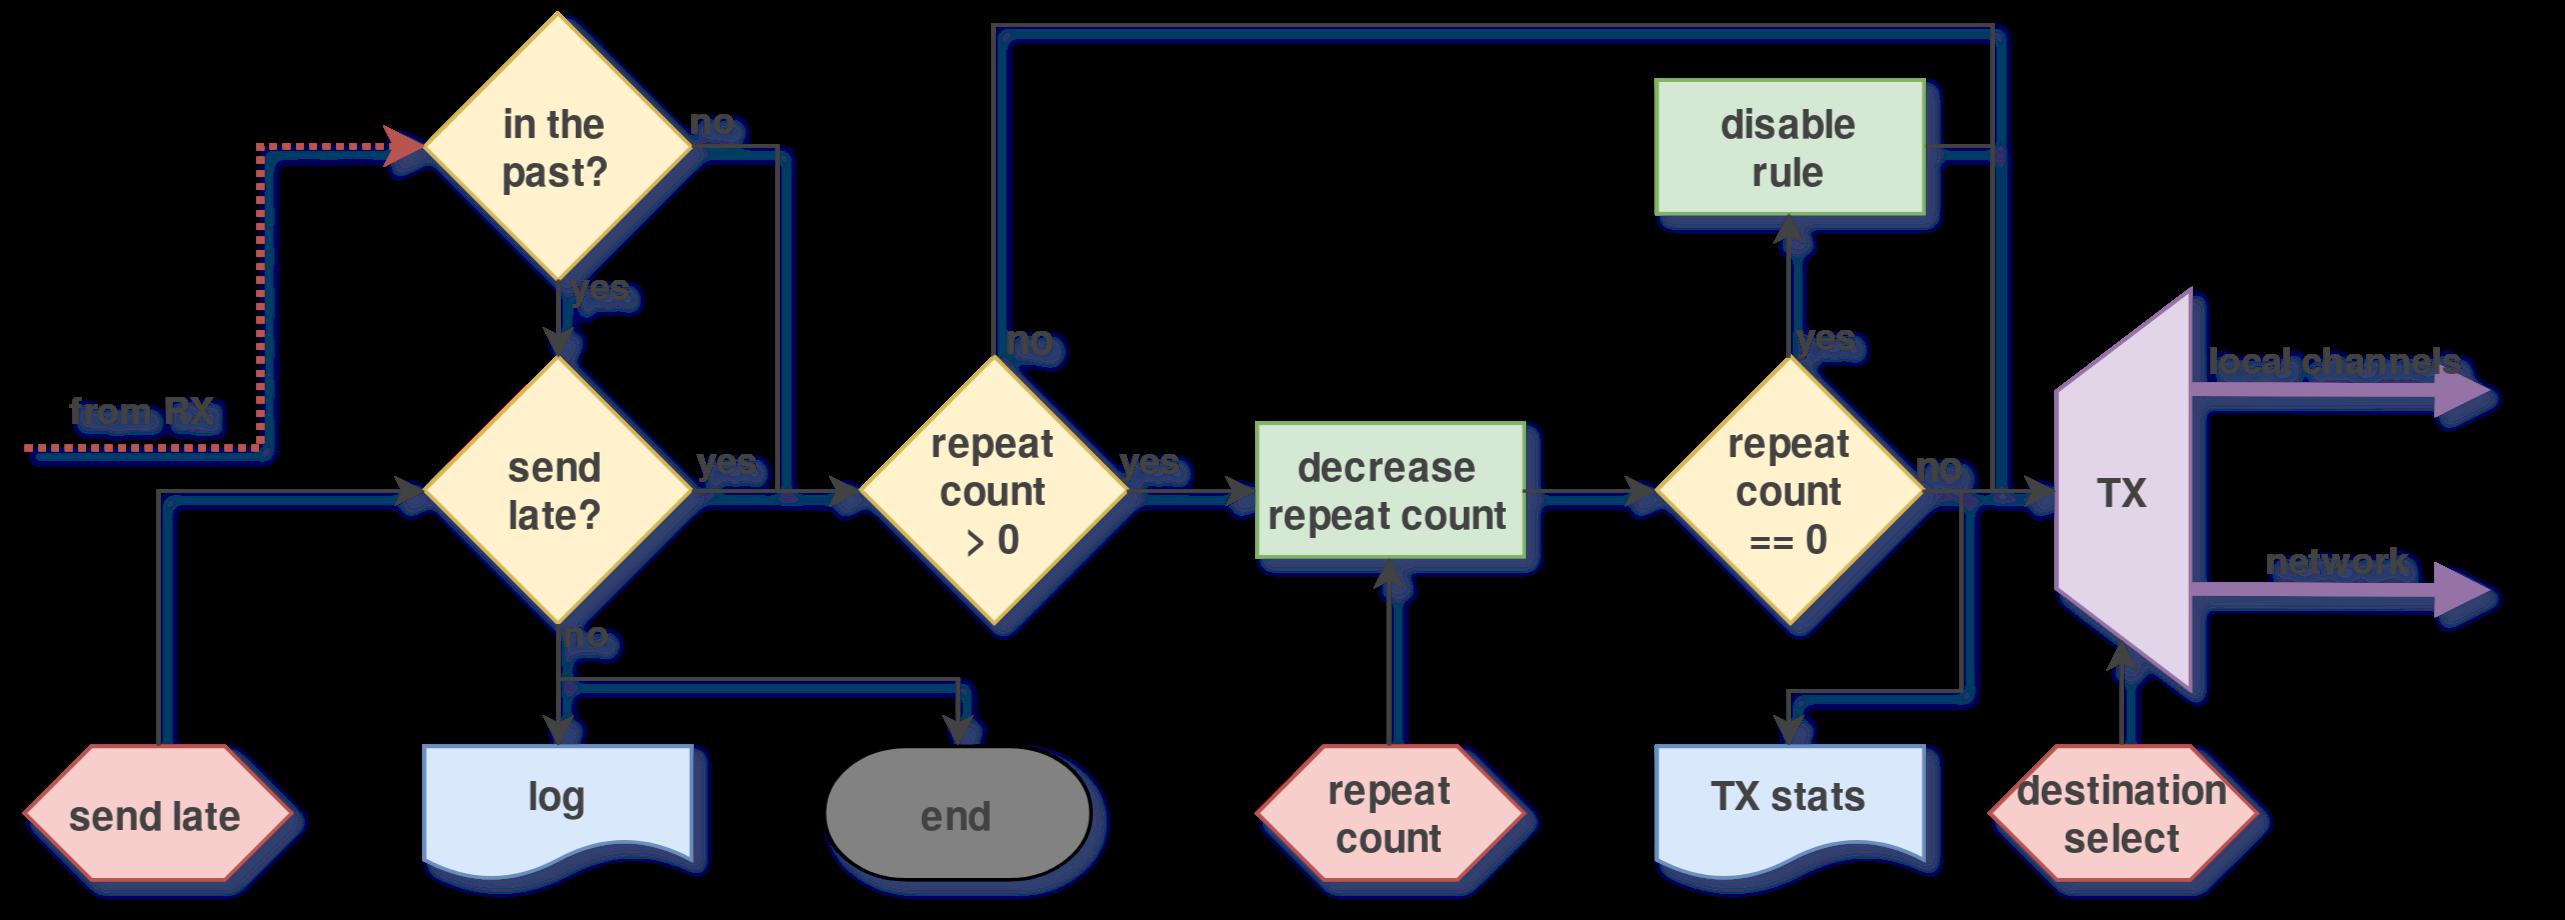 doc/graphics/wrtd_rule_tx.png